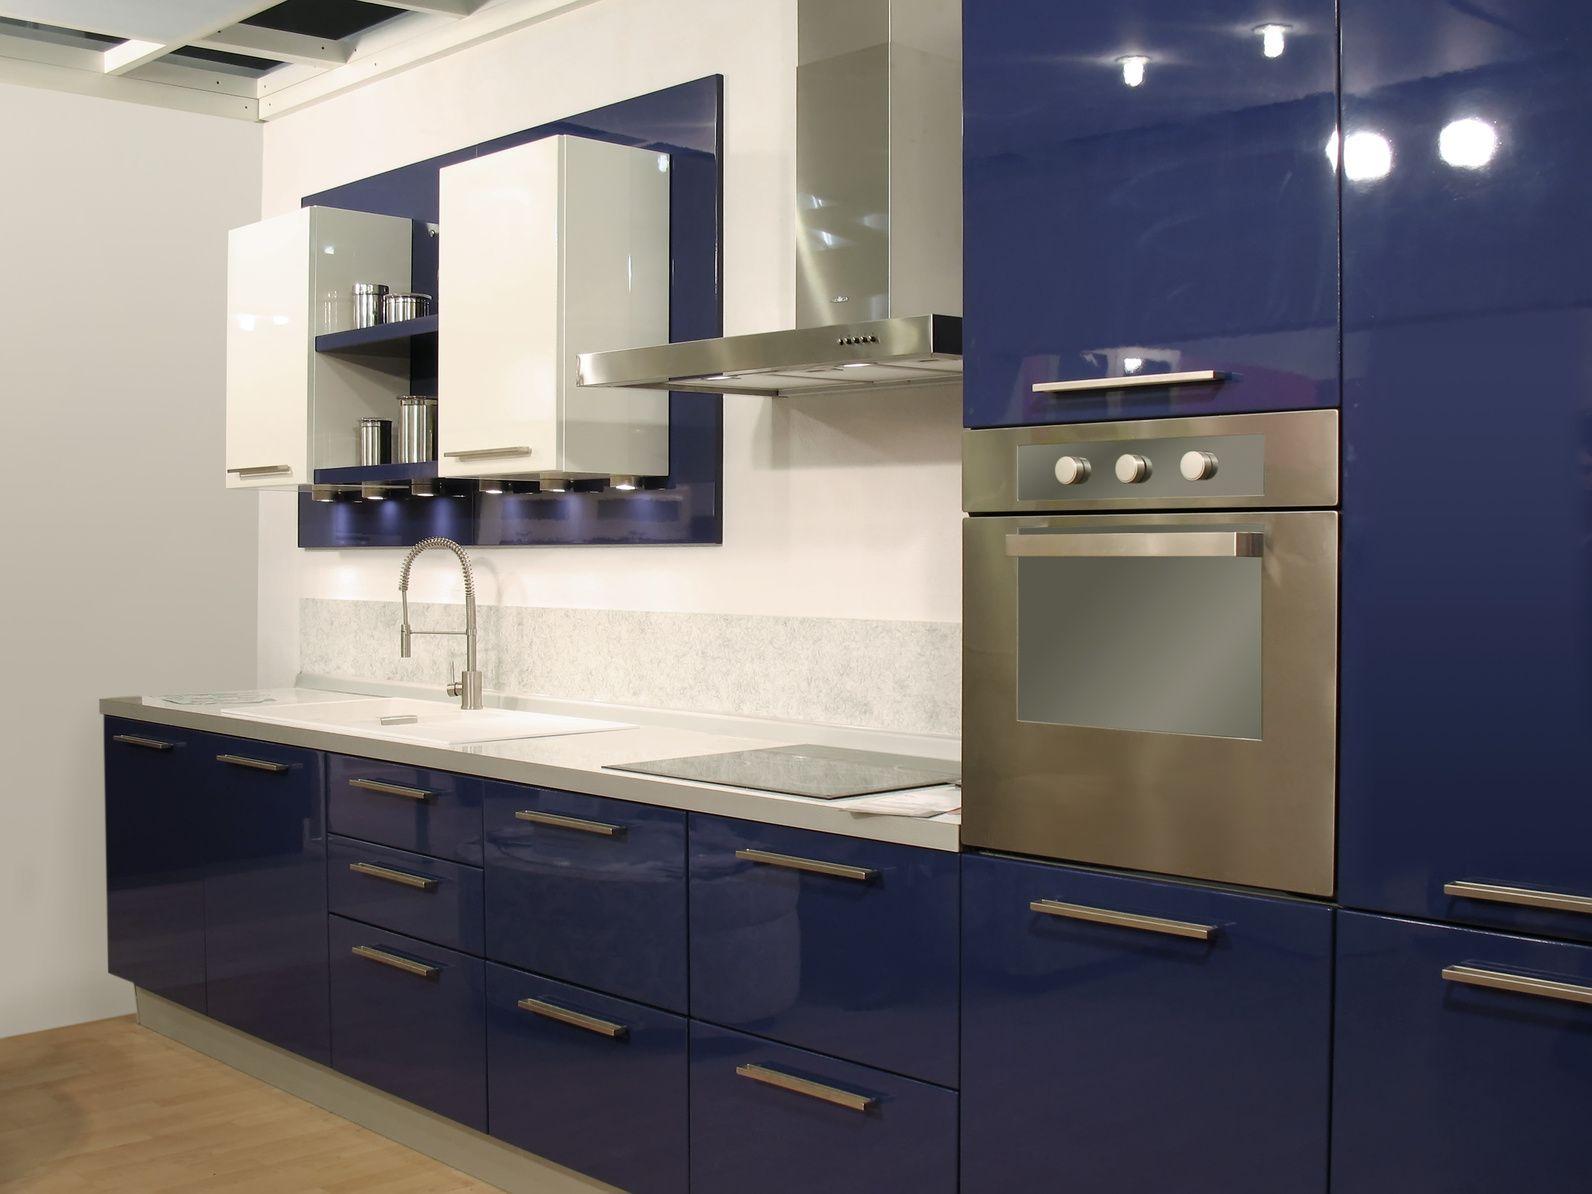 einzeilige edelstahlk che mit blauen fronten edelstahlk chen pinterest. Black Bedroom Furniture Sets. Home Design Ideas